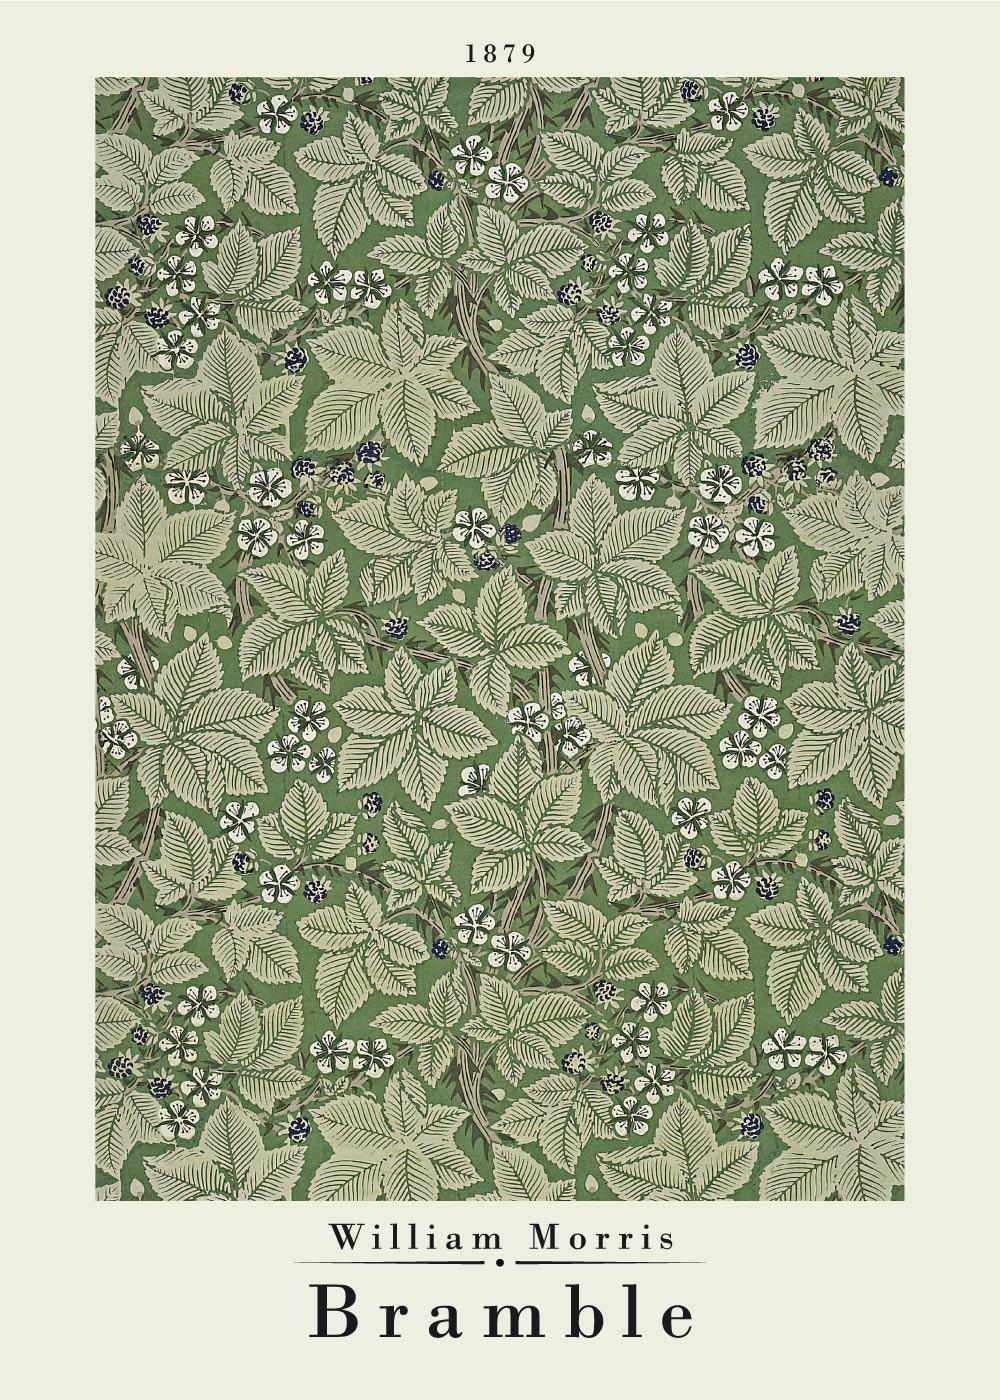 Billede af Bramble - William Morris kunstplakat